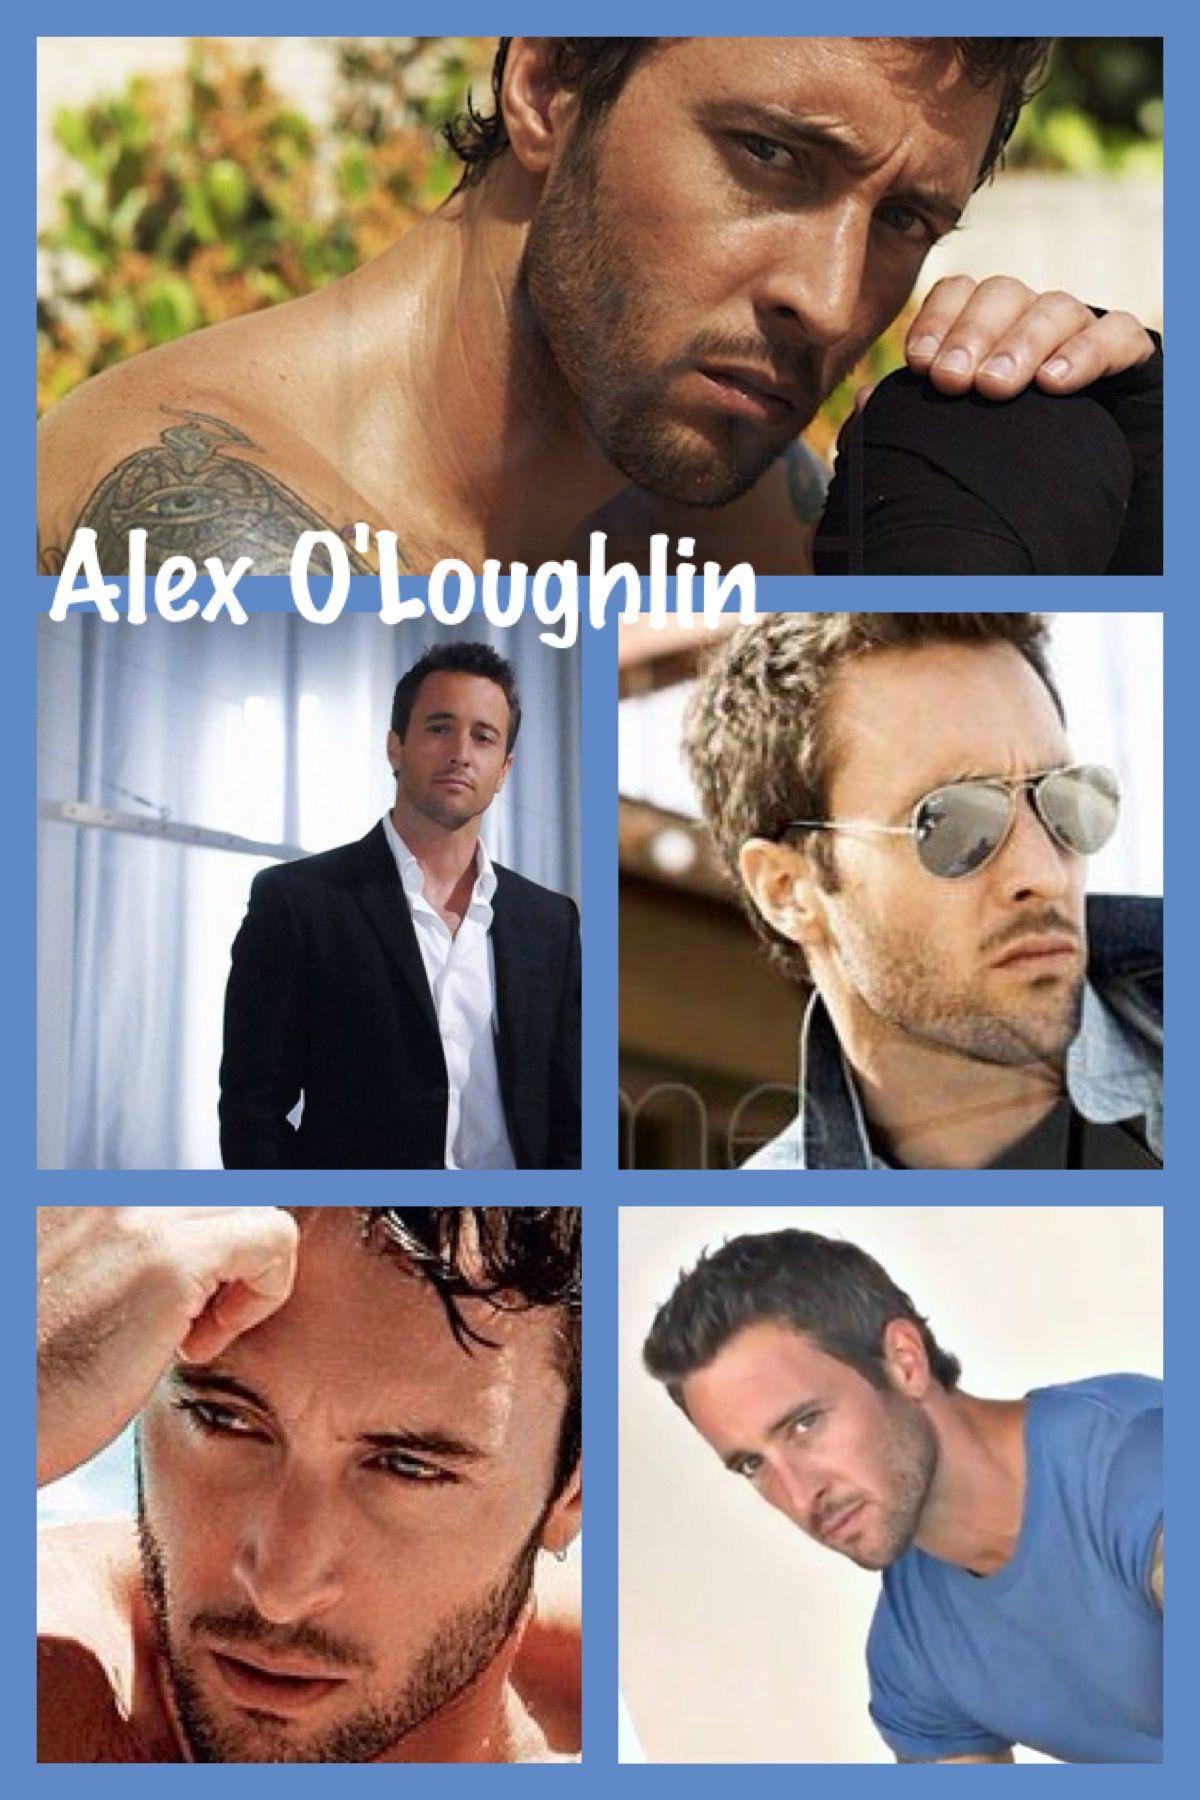 #AlexOloughlin